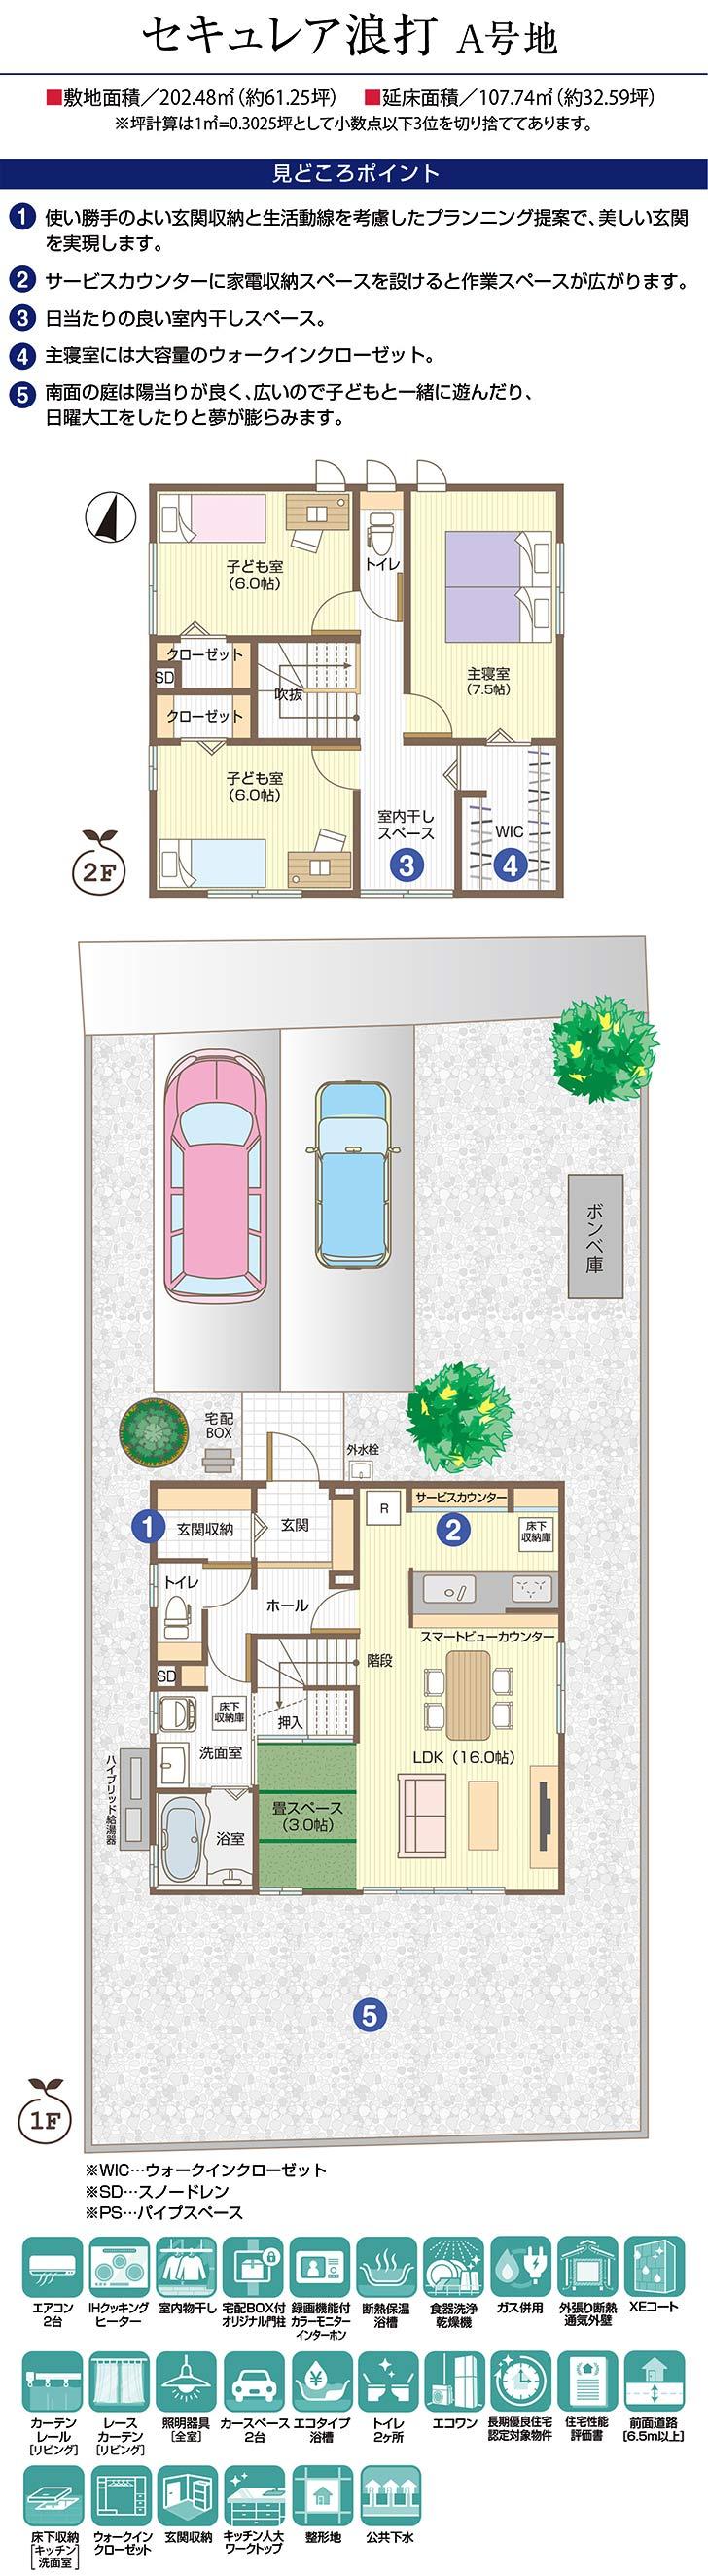 【ダイワハウス】セキュレア浪打 (分譲住宅)の画像